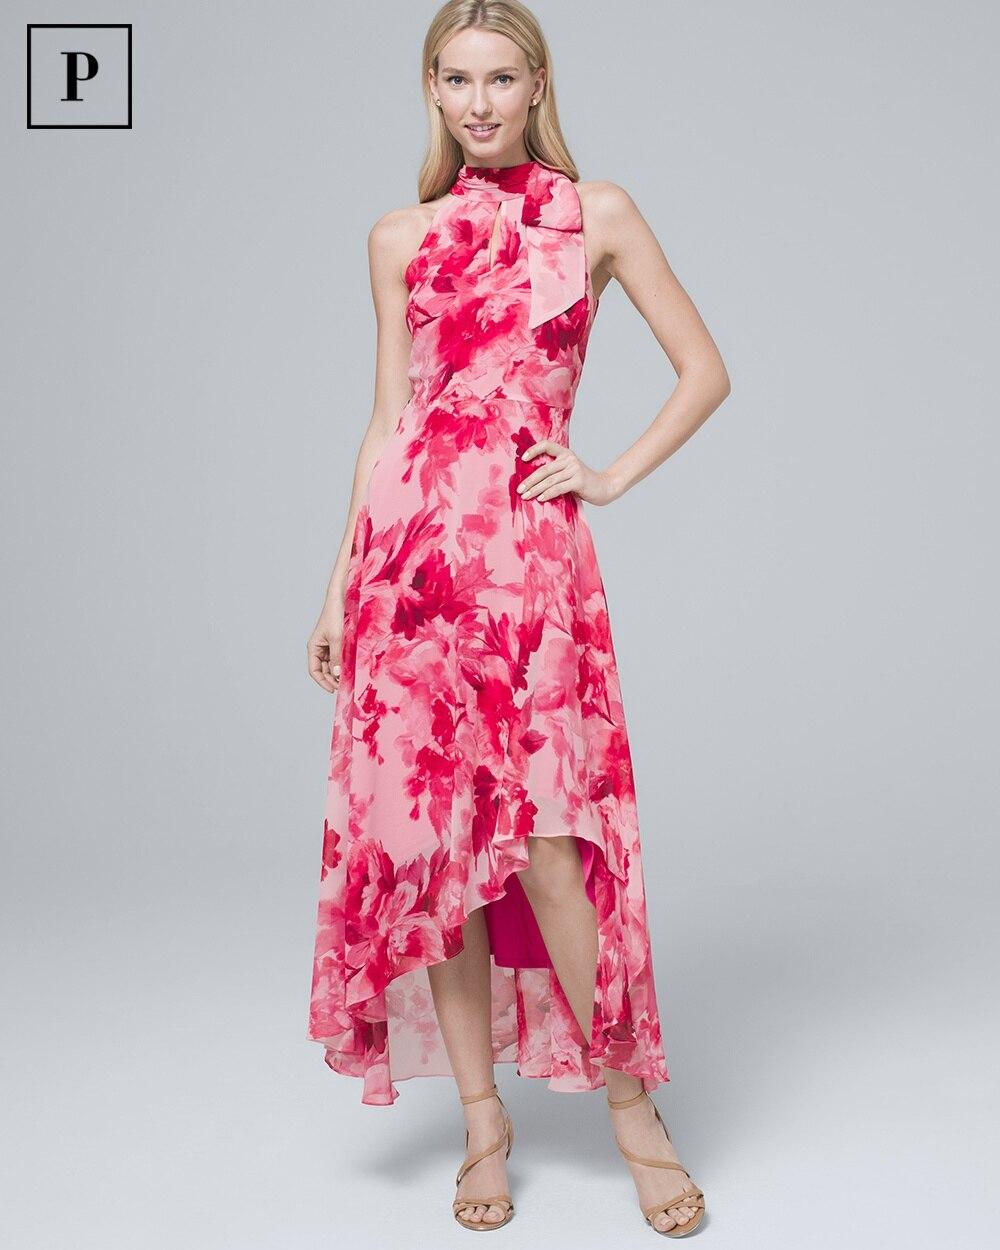 6ccba6c9e Petite Floral-Print Soft Maxi Dress - White House Black Market